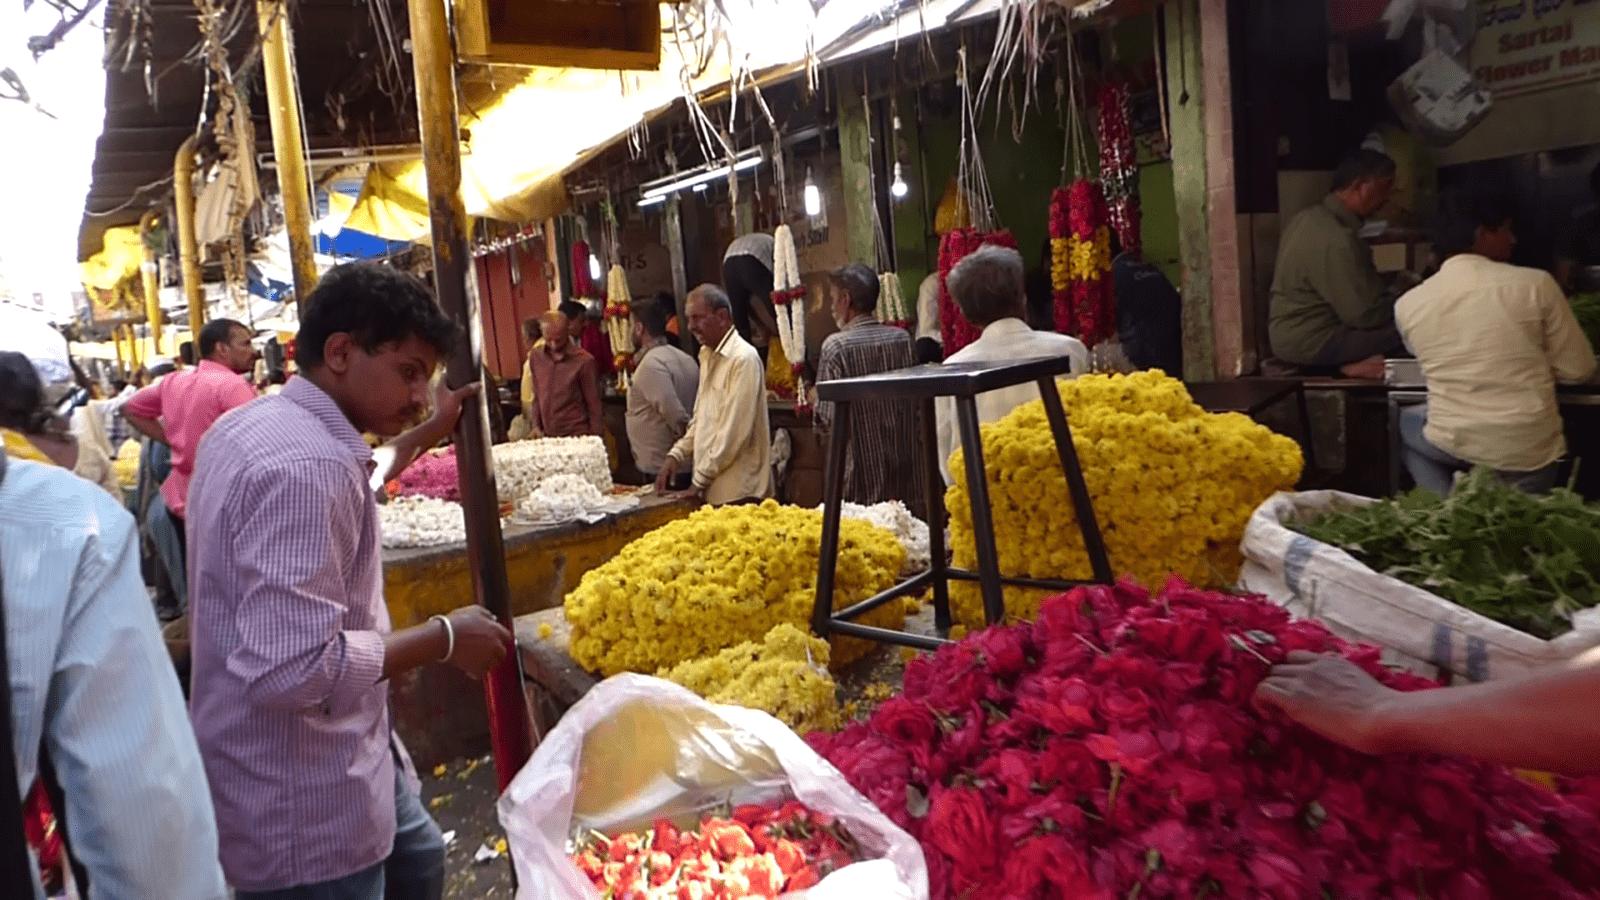 Marche aux fleurs 2